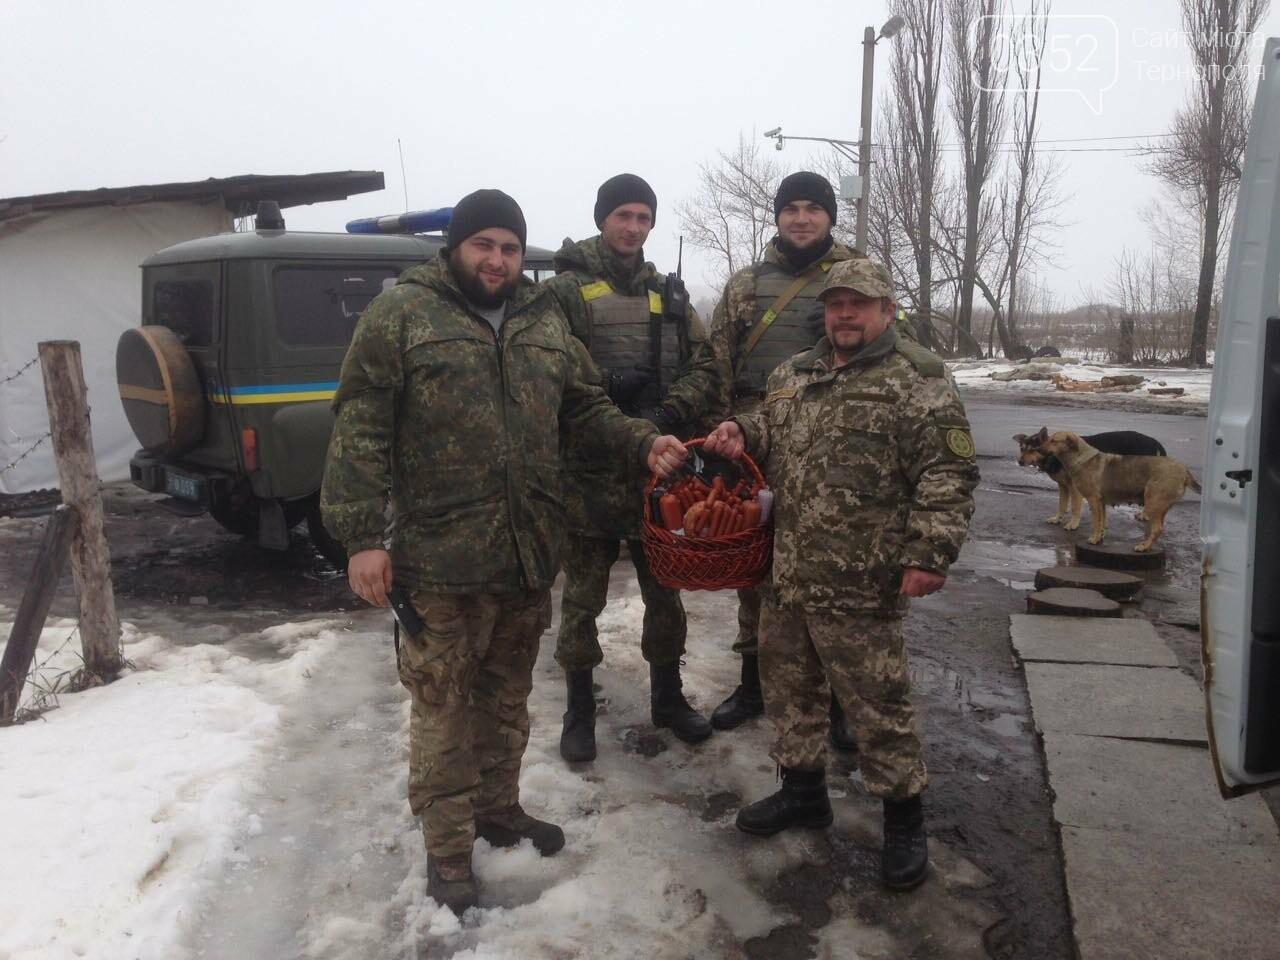 Тернополяни, що служать на передовій, отримали великодні подарунки, фото-2